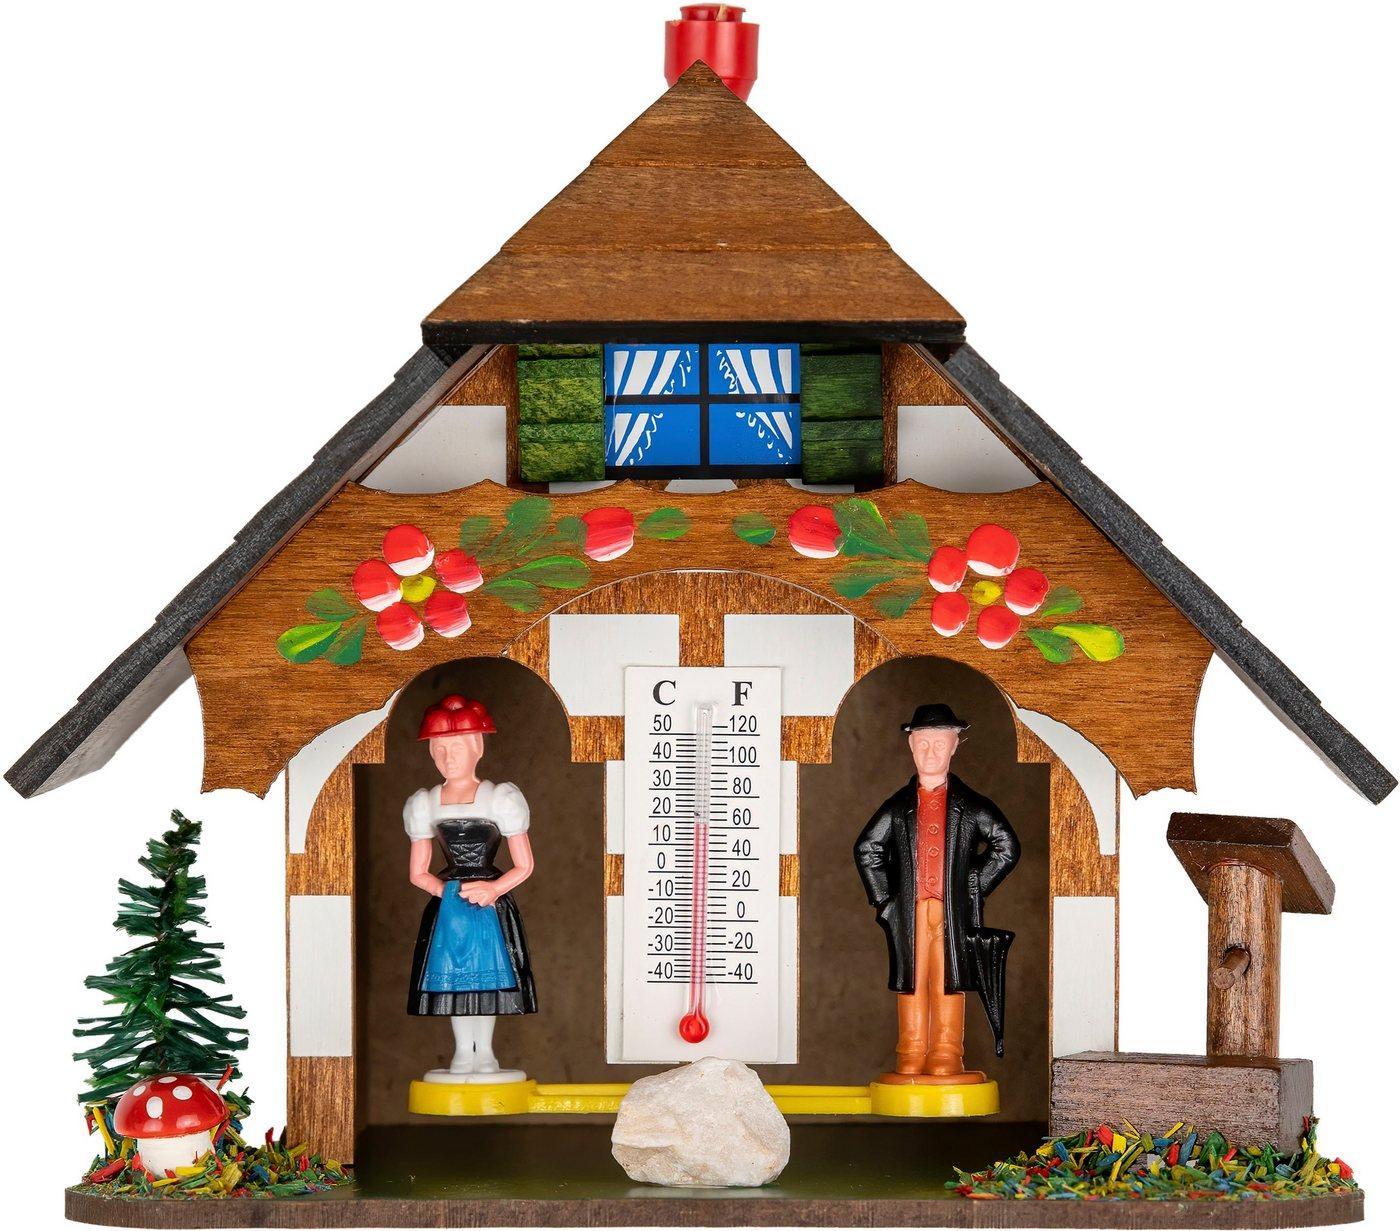 Christoffel Tischuhr »Wetterhäuschen Christoffel«